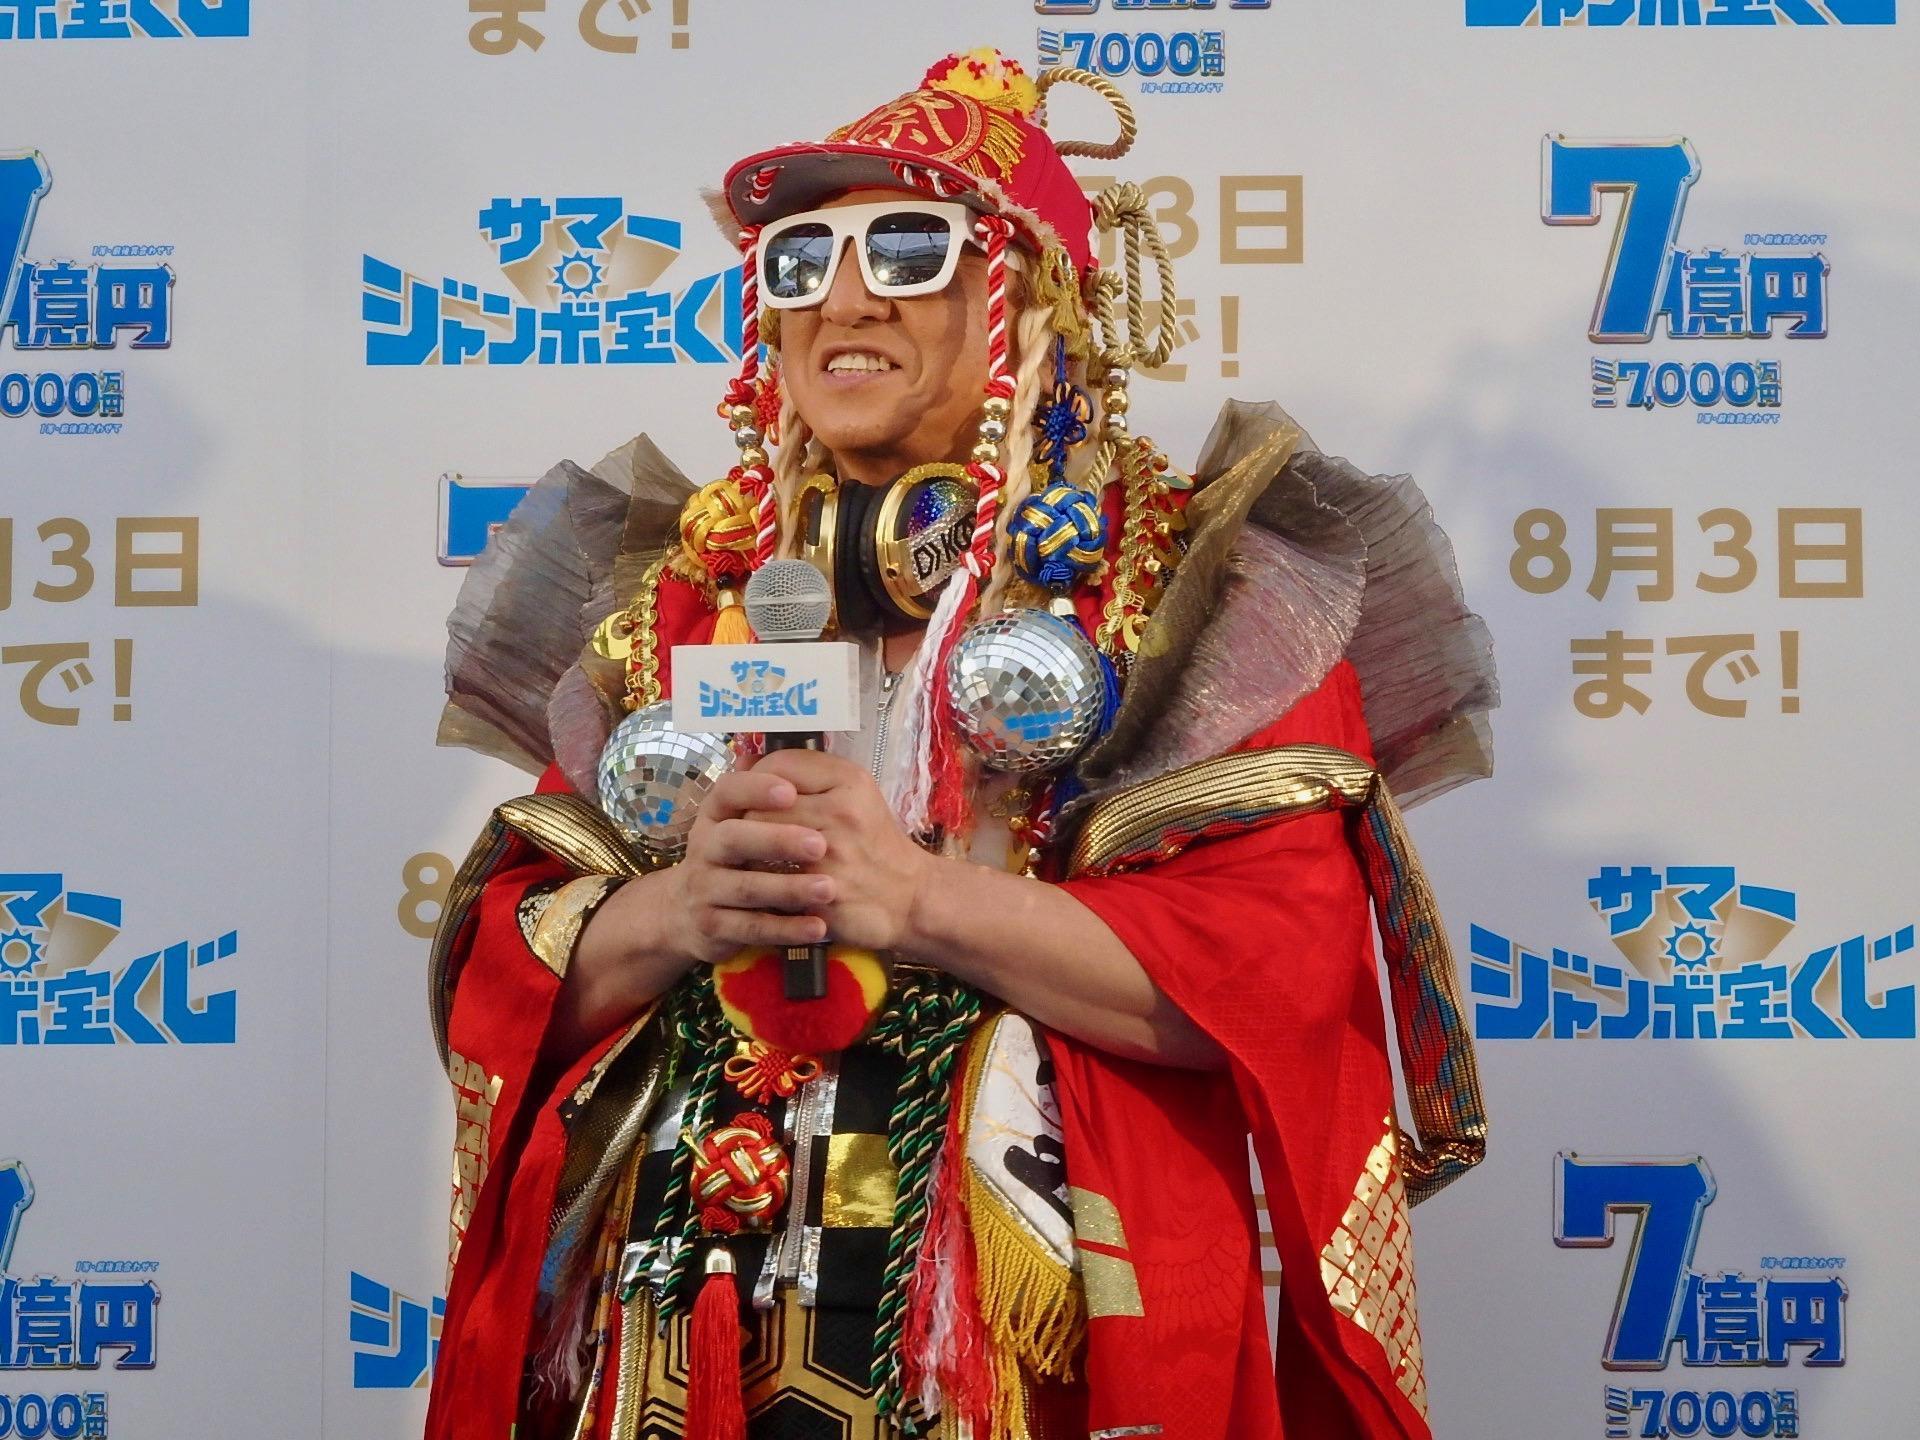 http://news.yoshimoto.co.jp/20180709202816-1cf202319801769d8647f10d316115475a5d62e0.jpg